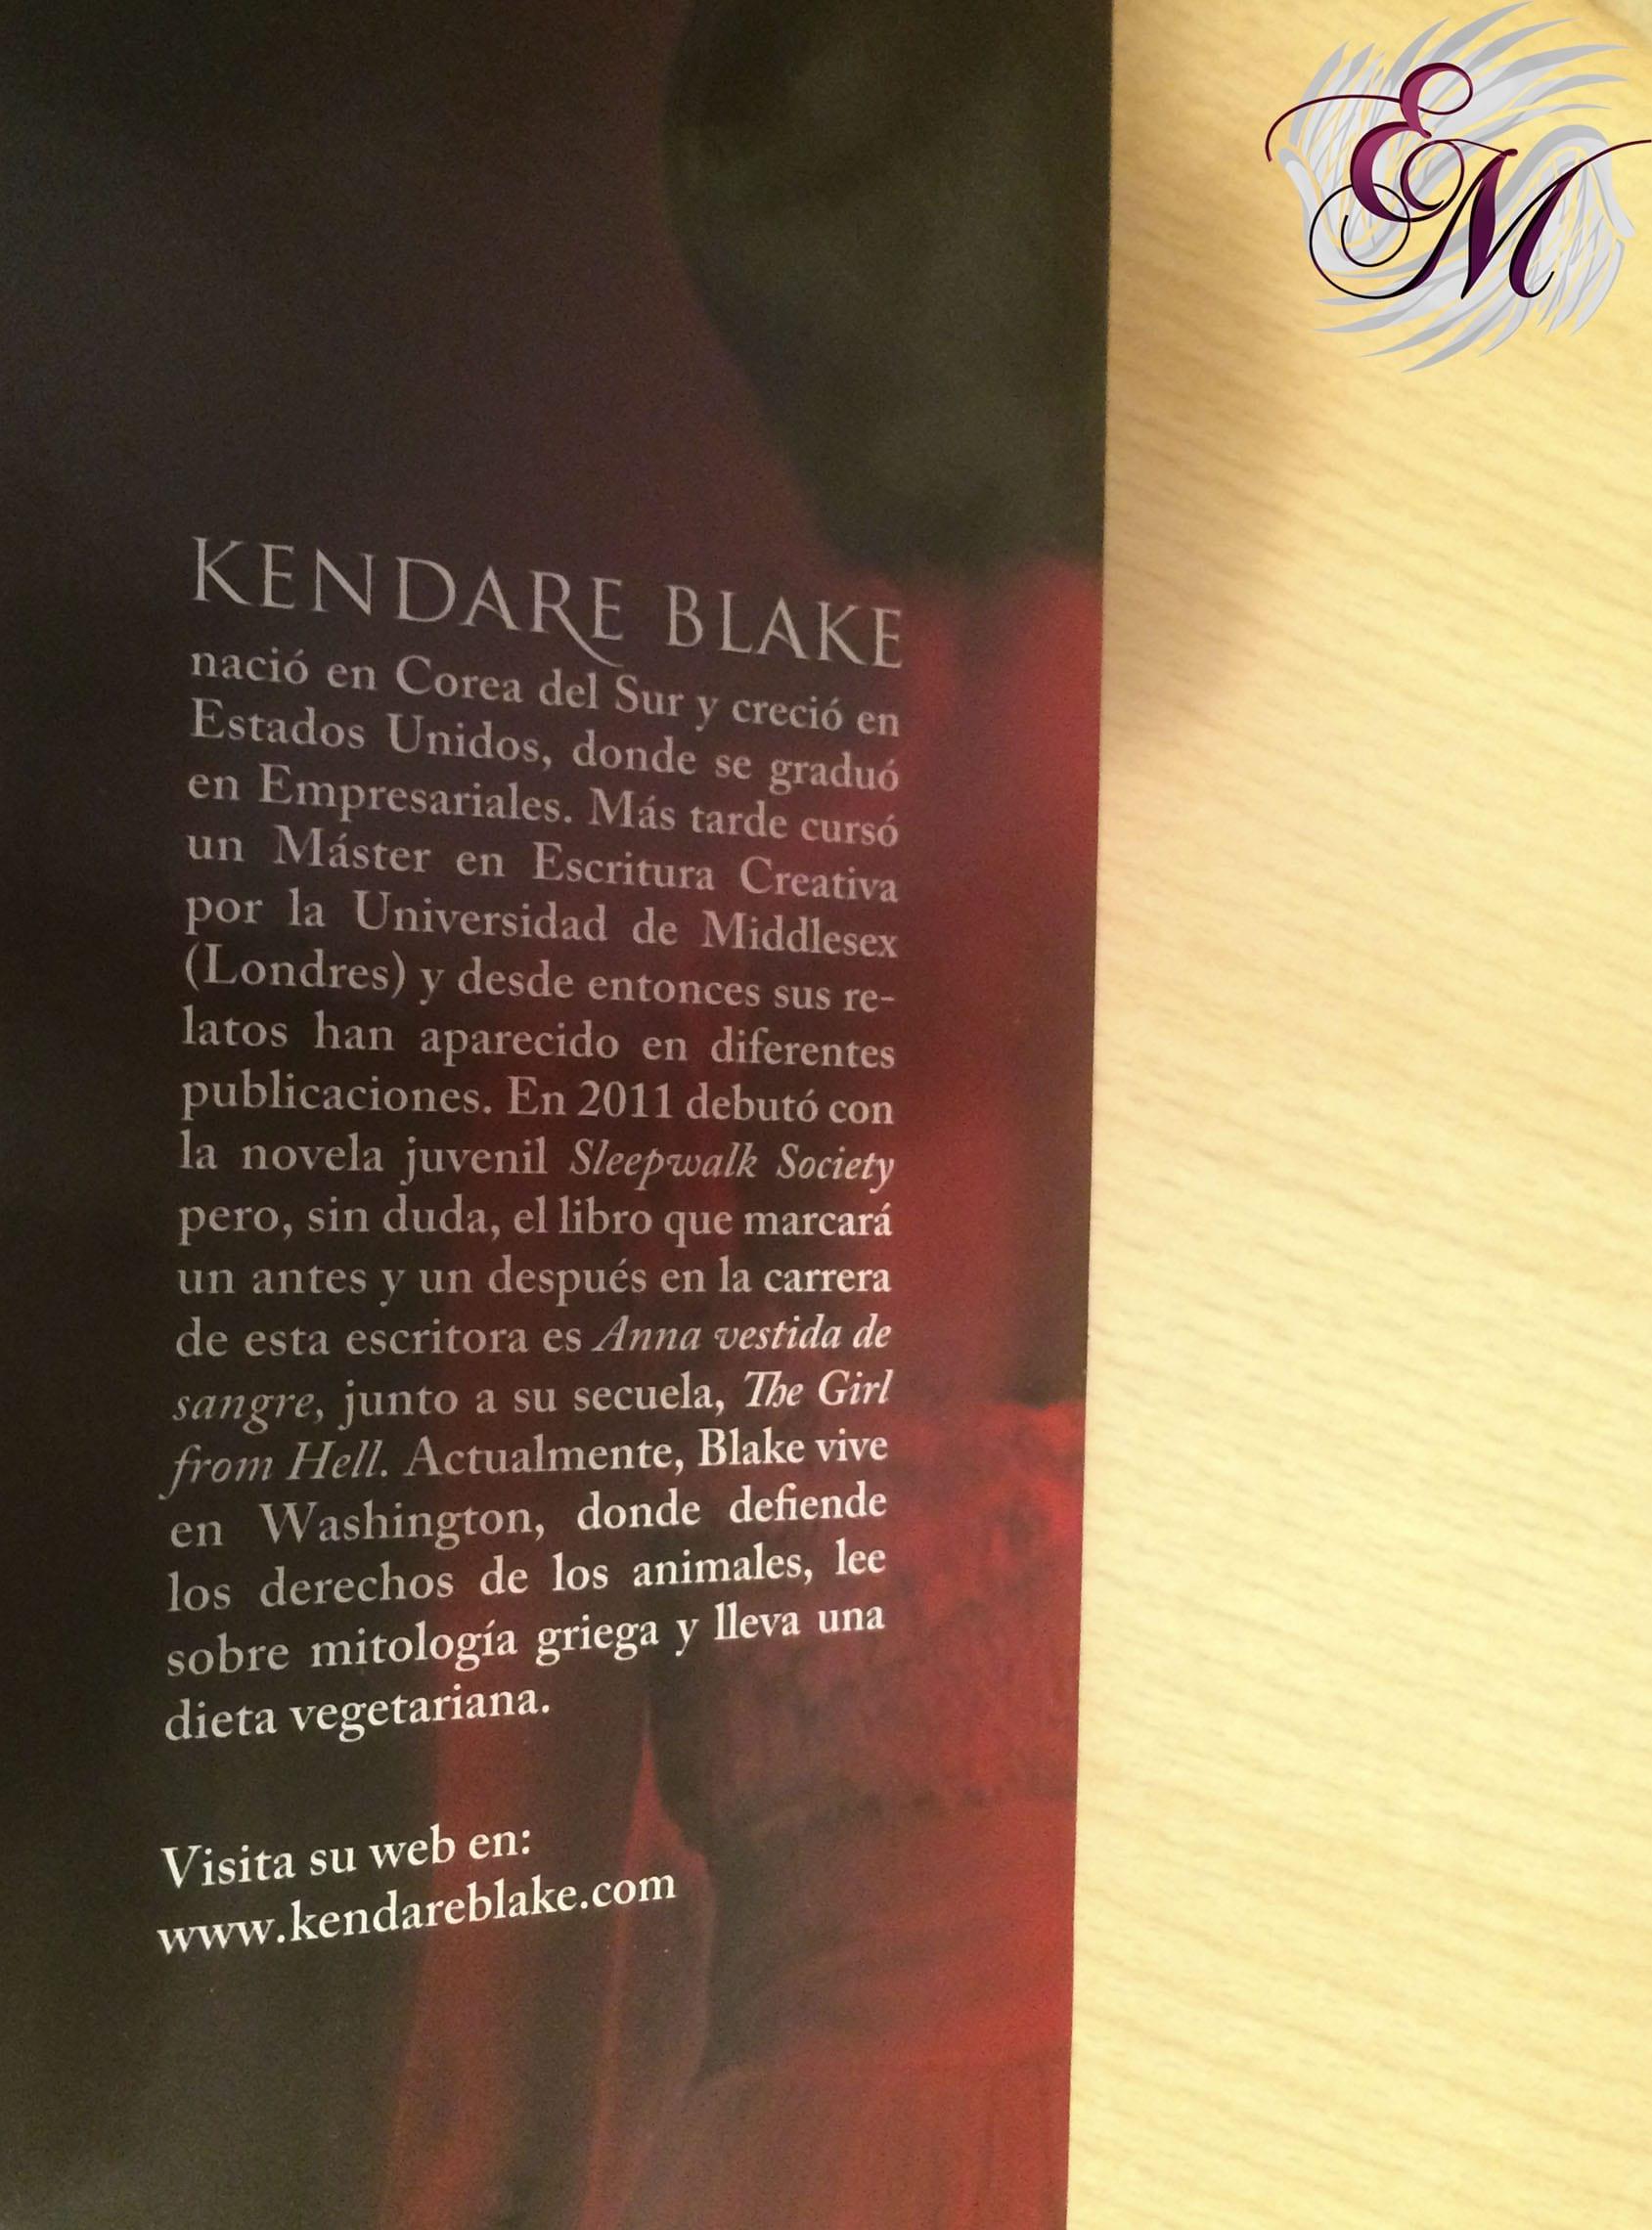 Anna vestida de sangre, de Kendare Blake - Reseña